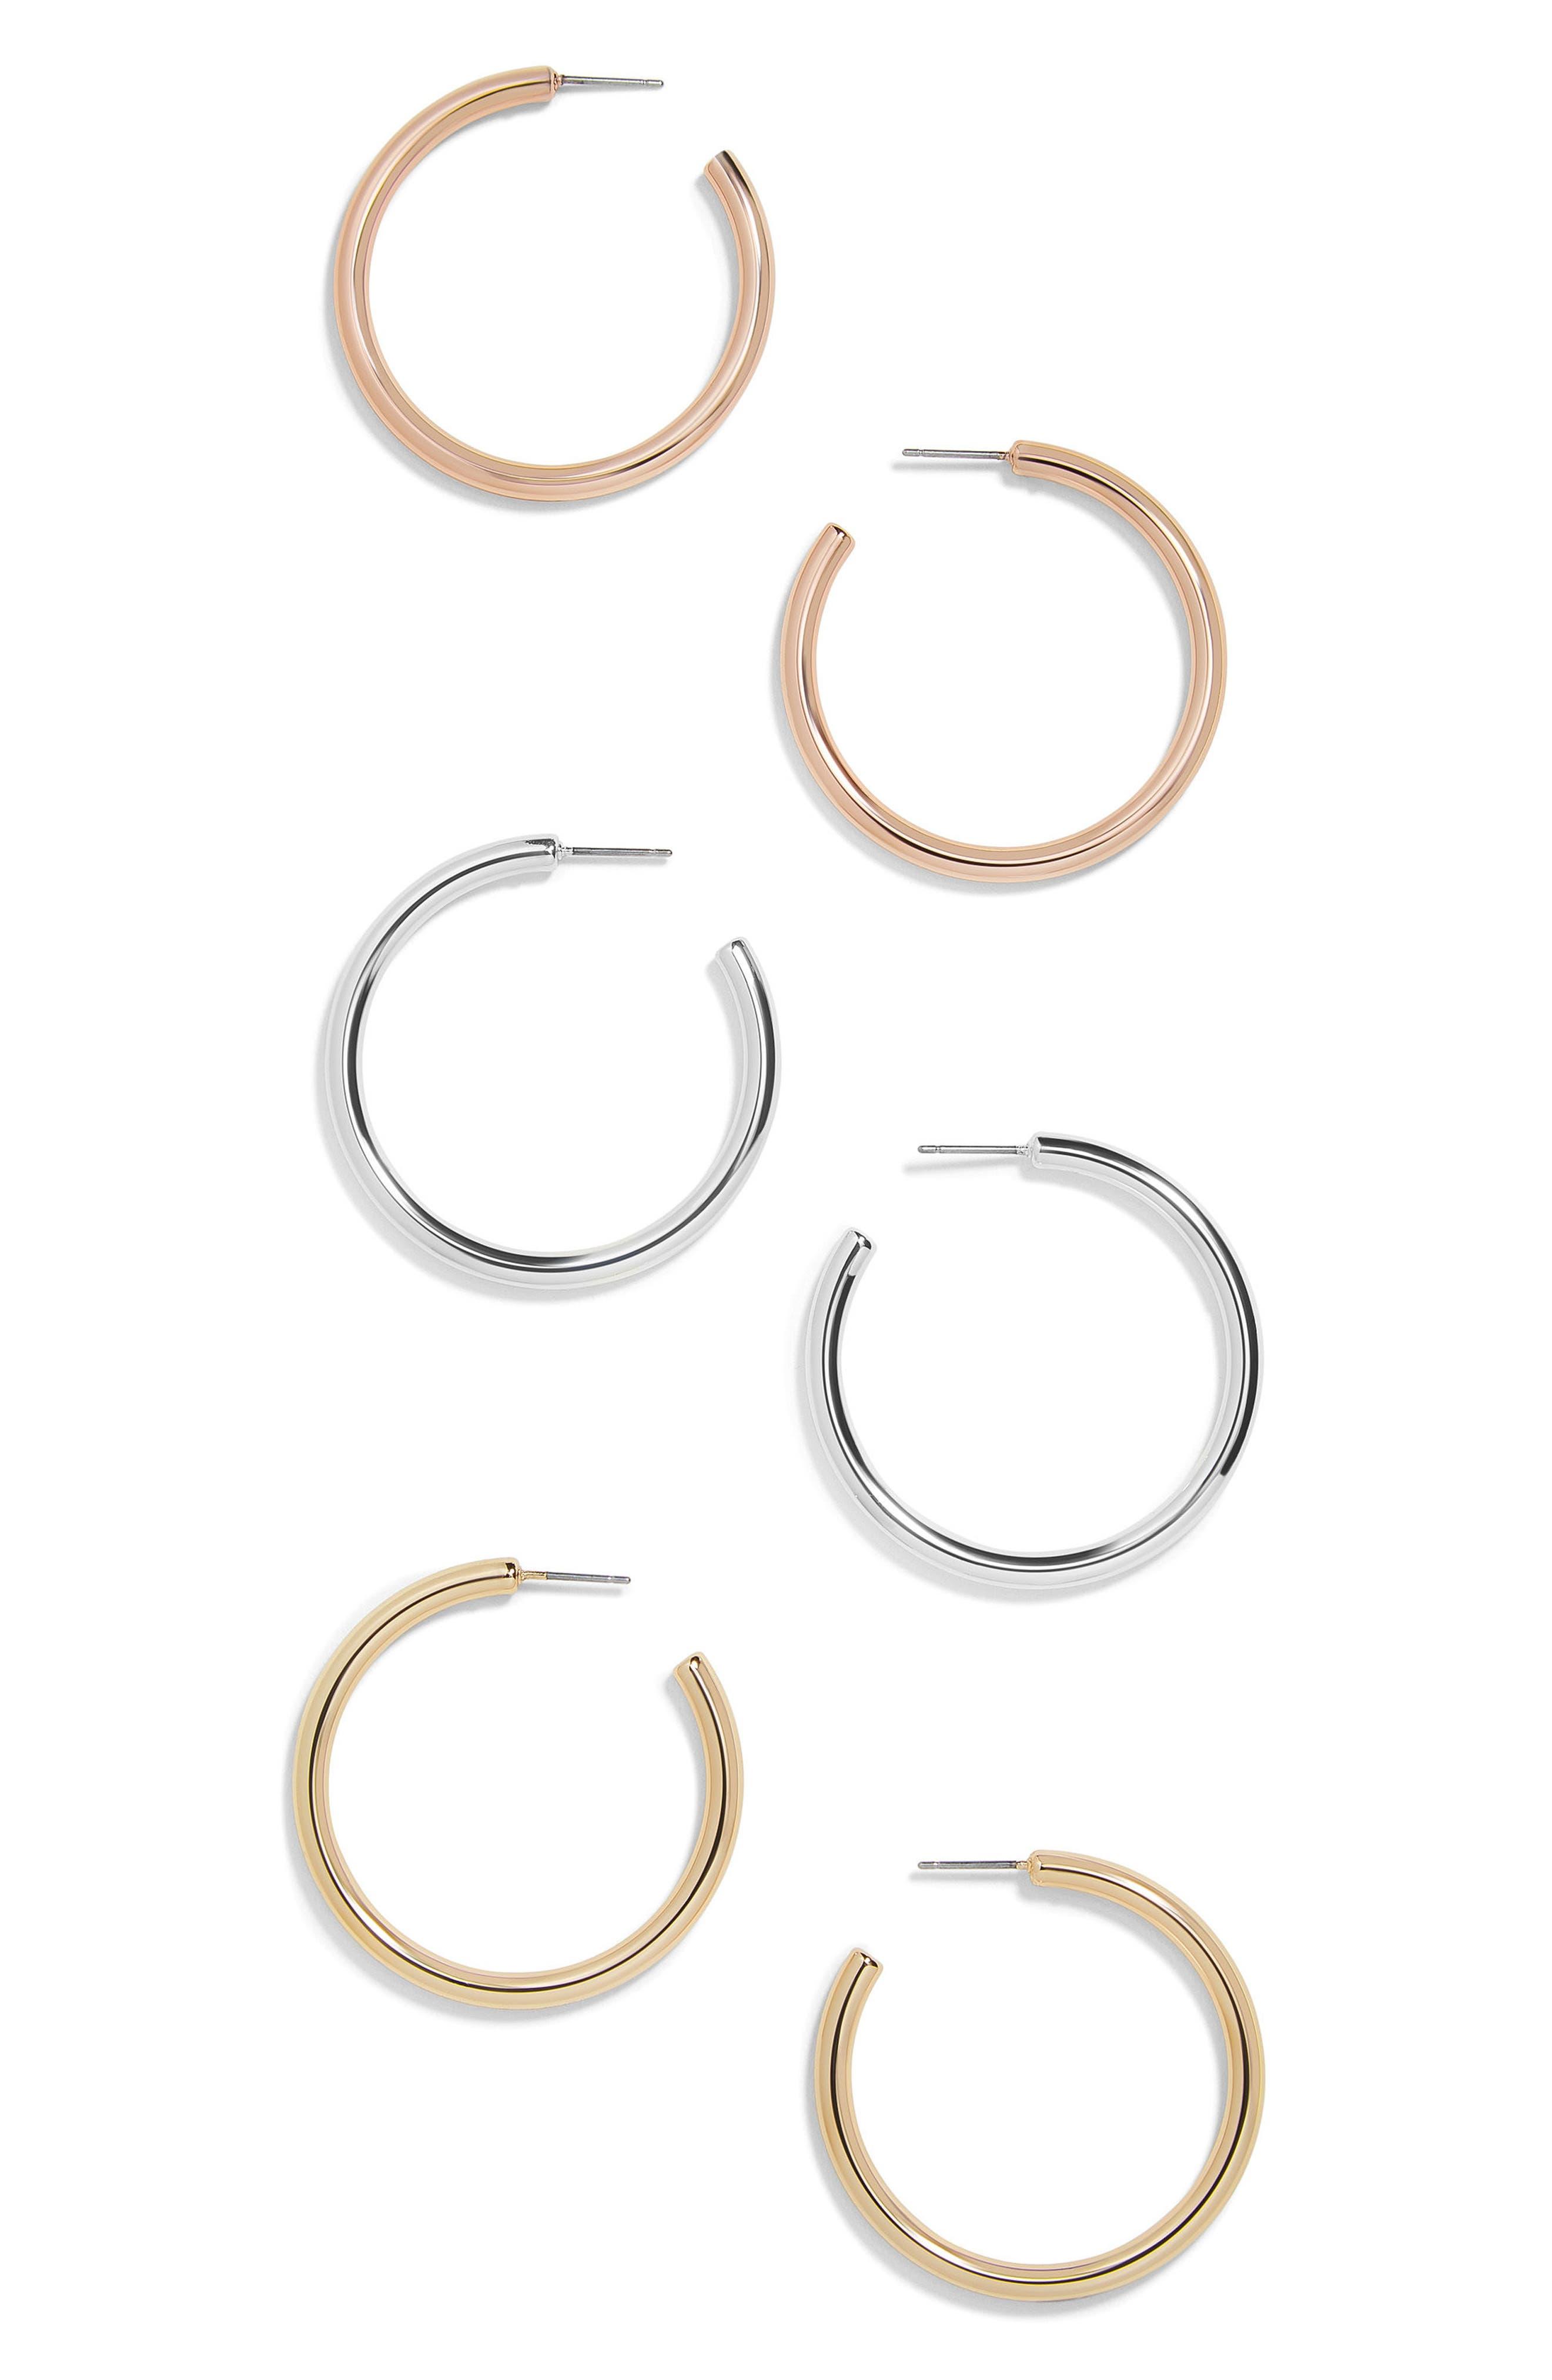 Jordan Set of 3 Hoop Earrings,                             Main thumbnail 1, color,                             MULTI